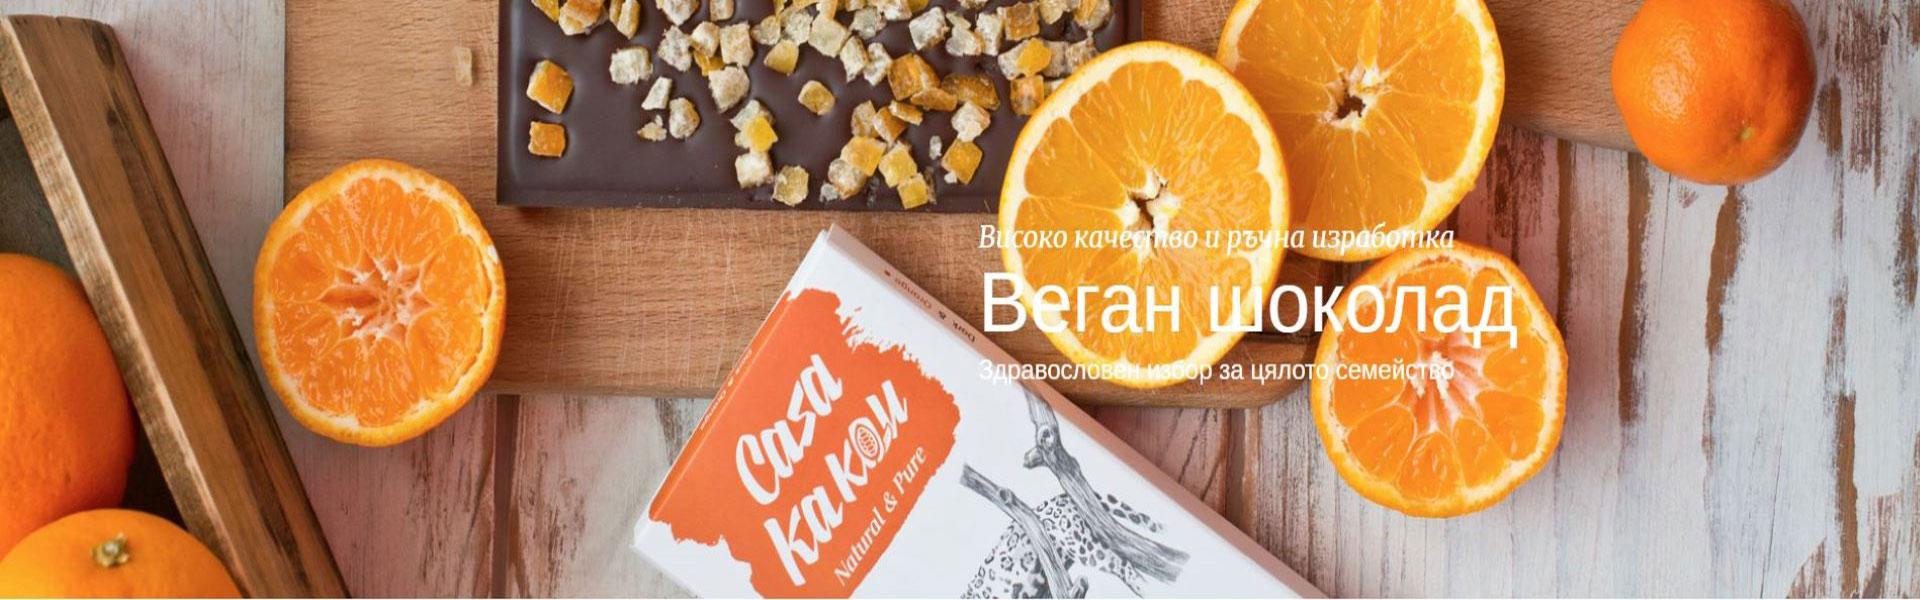 Naturalen-shokolad-s-portokalovi-korichki-Dr-Keskin-Desktop-Large-Vizh-promotsiite